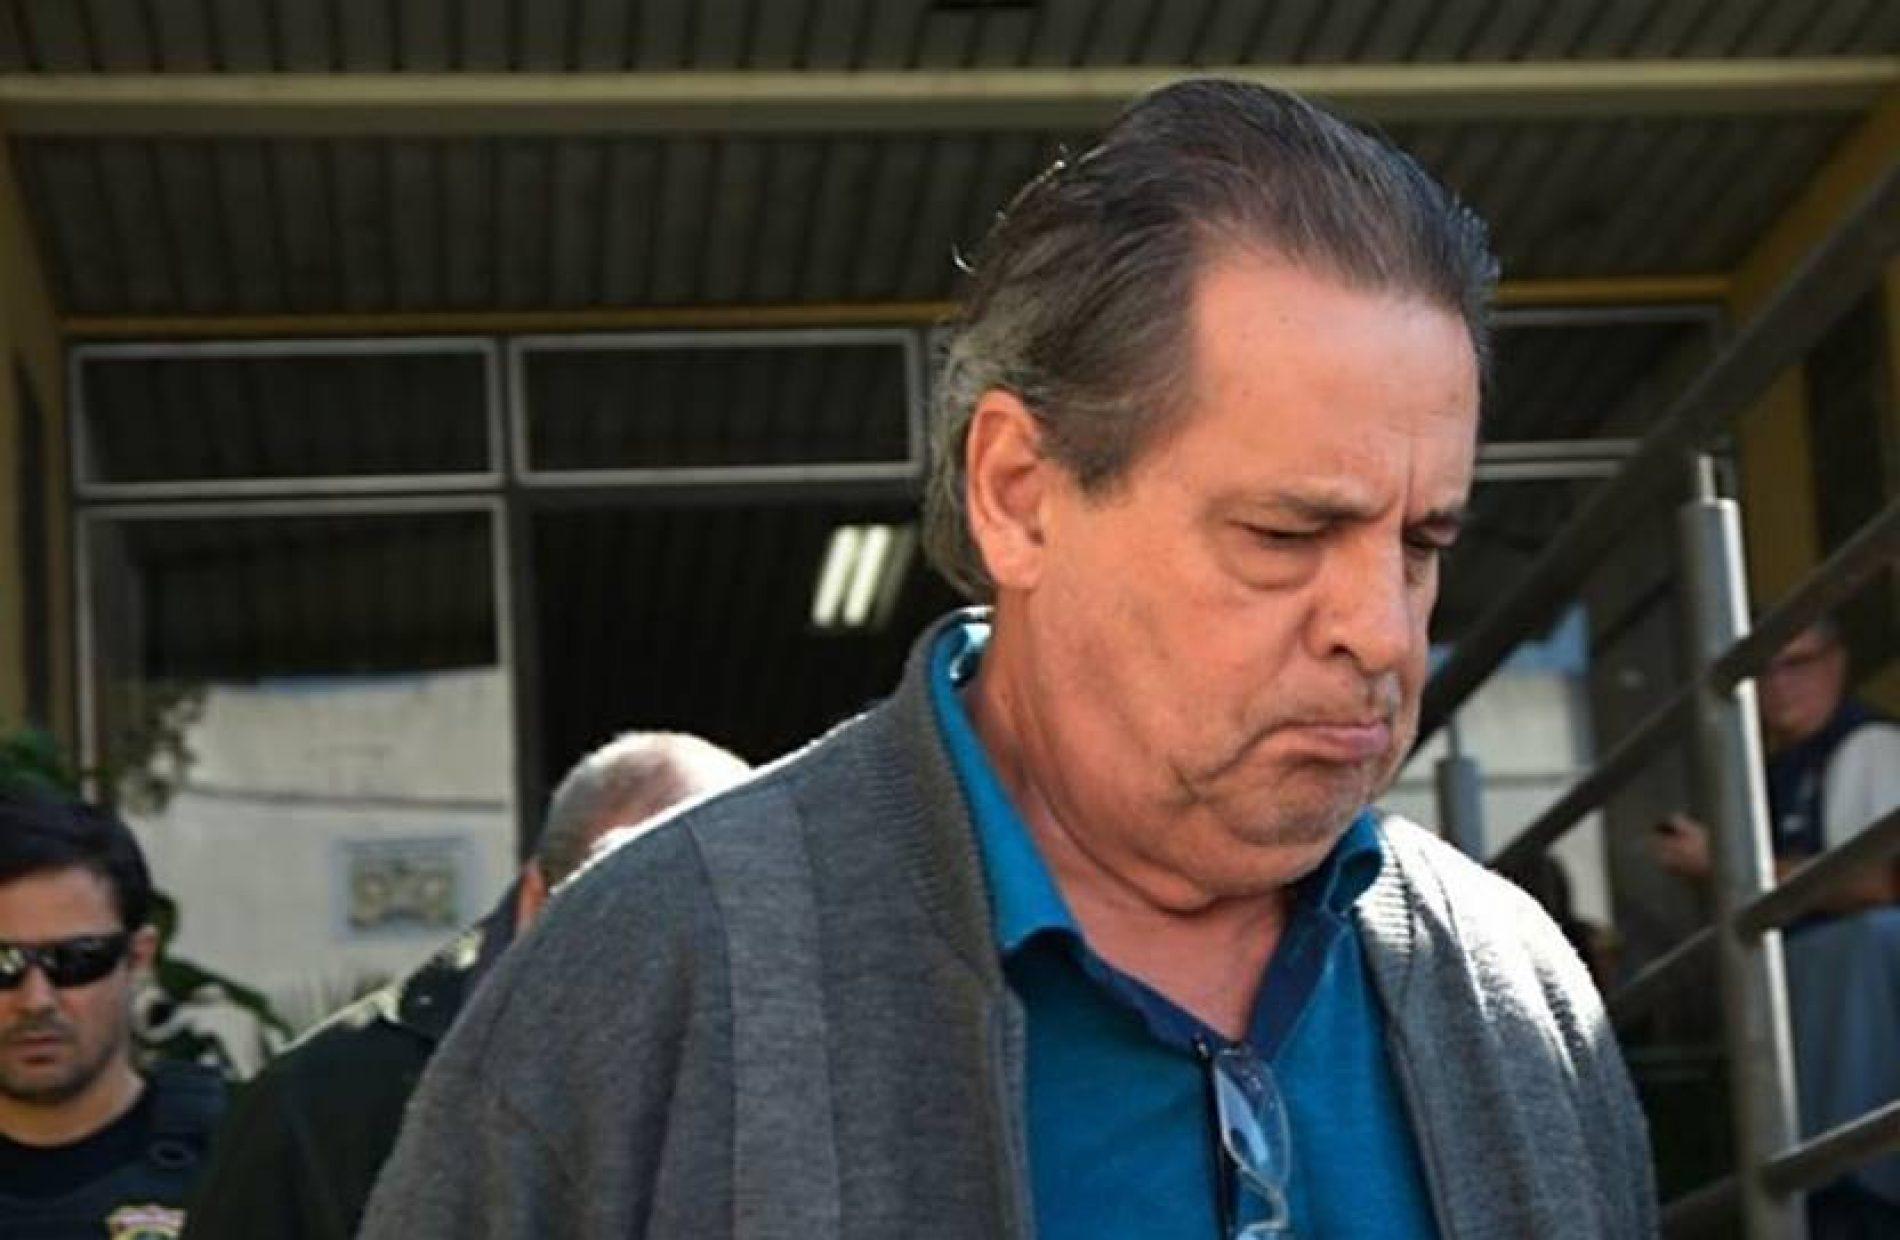 Luiz Silva, irmão de José Dirceu, é preso após condenação na Lava Jato